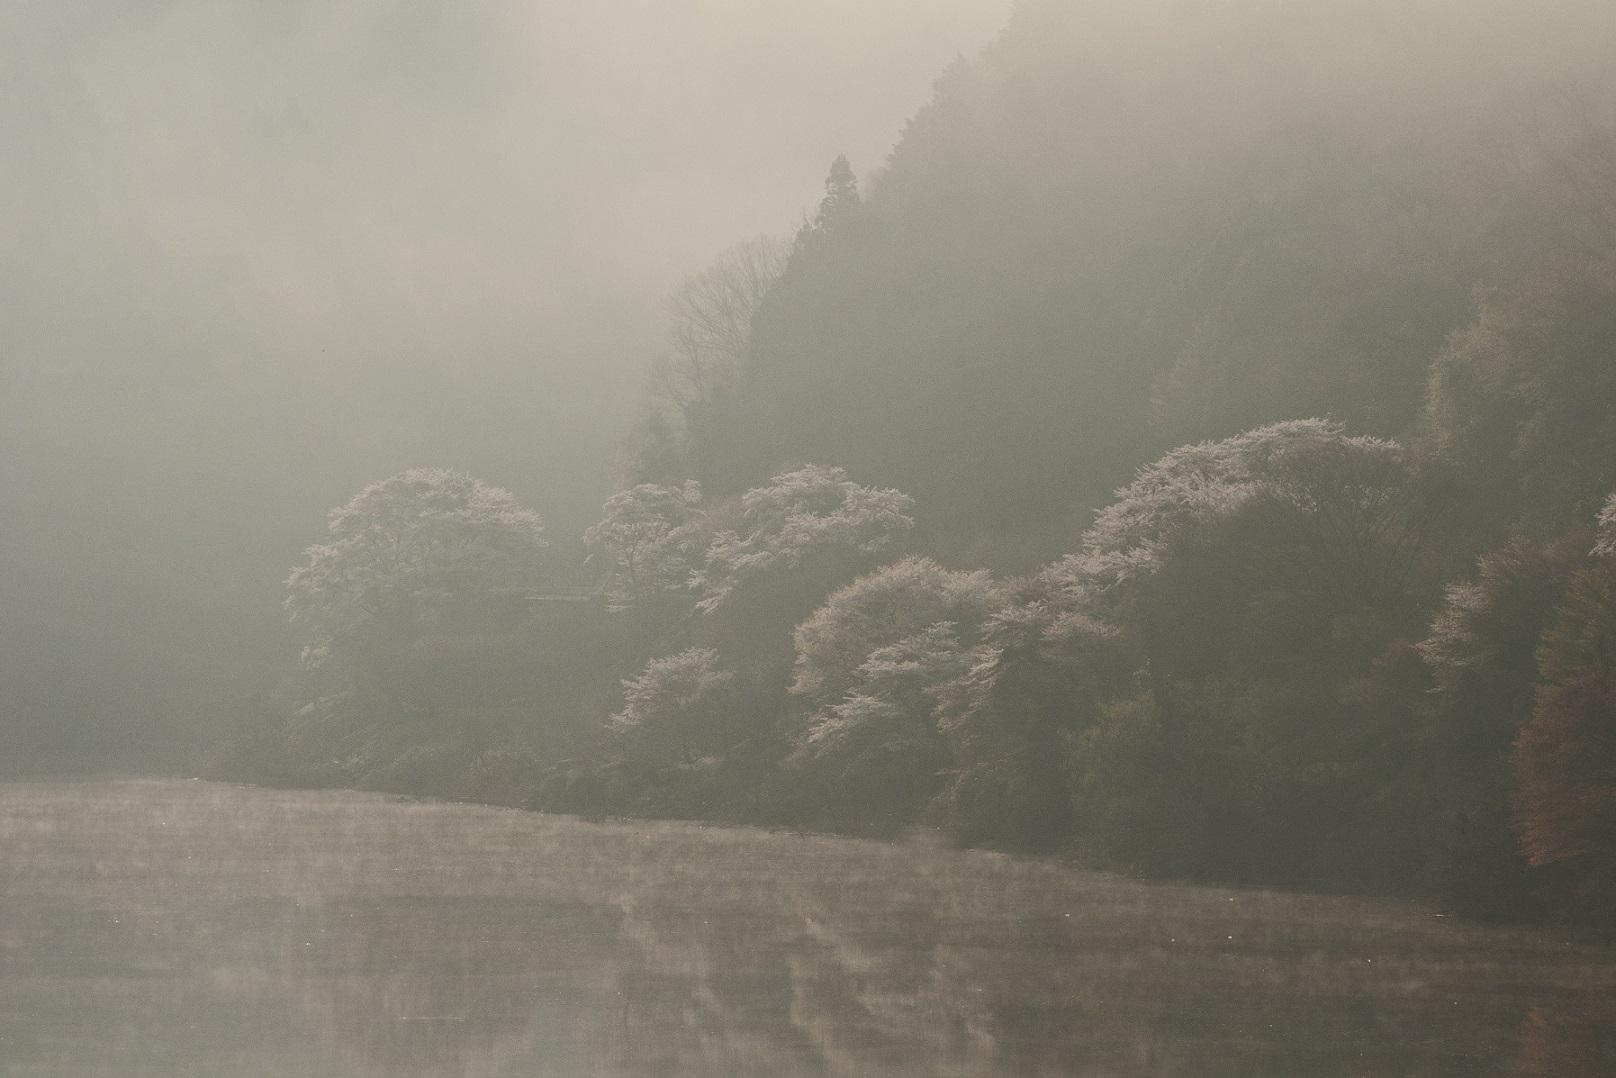 ブログ月ヶ瀬桜3 - コピー